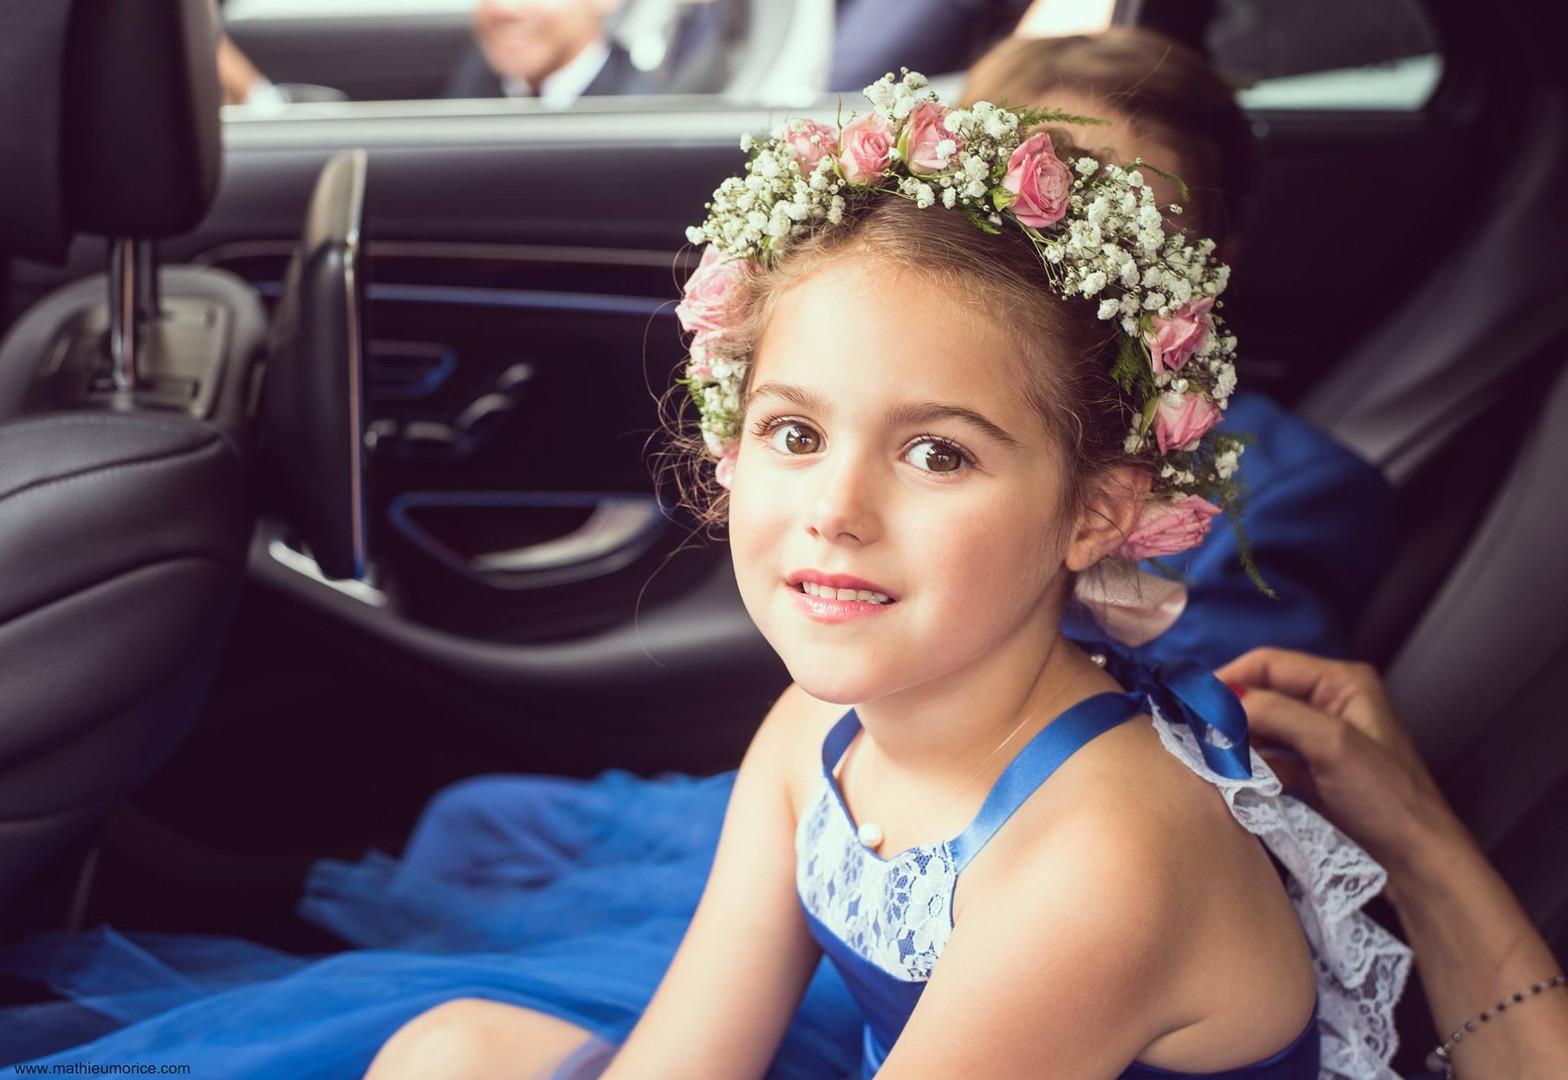 Coiffure et maquillage enfant par D&Z Agency